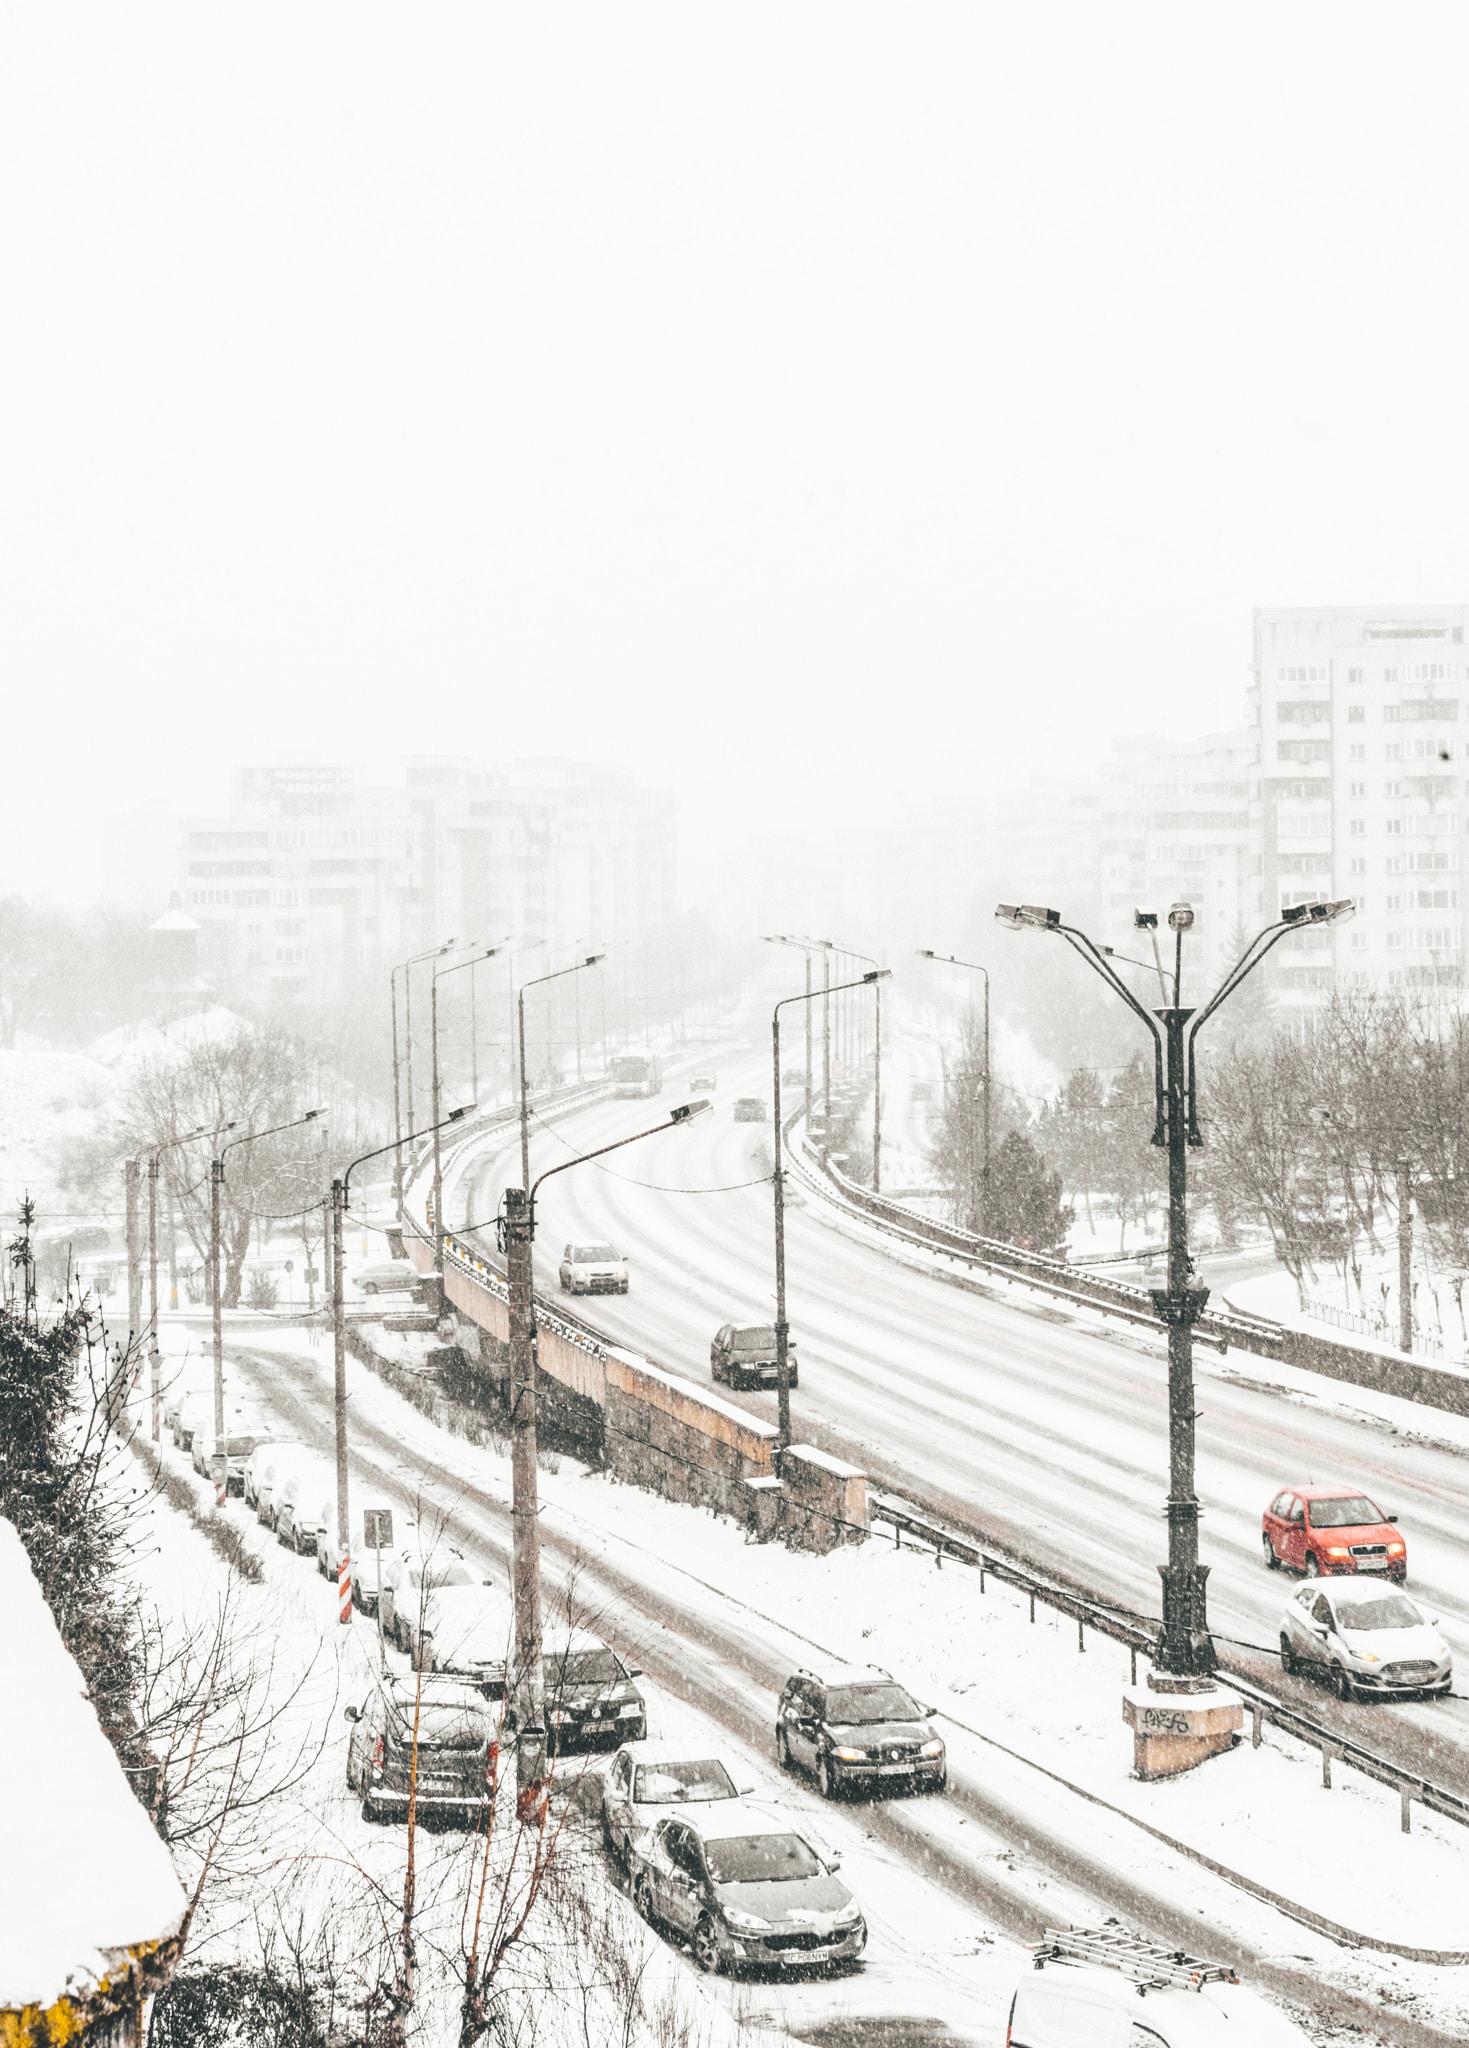 Вождение зимой | Автошкола «За рулем» г. Казань